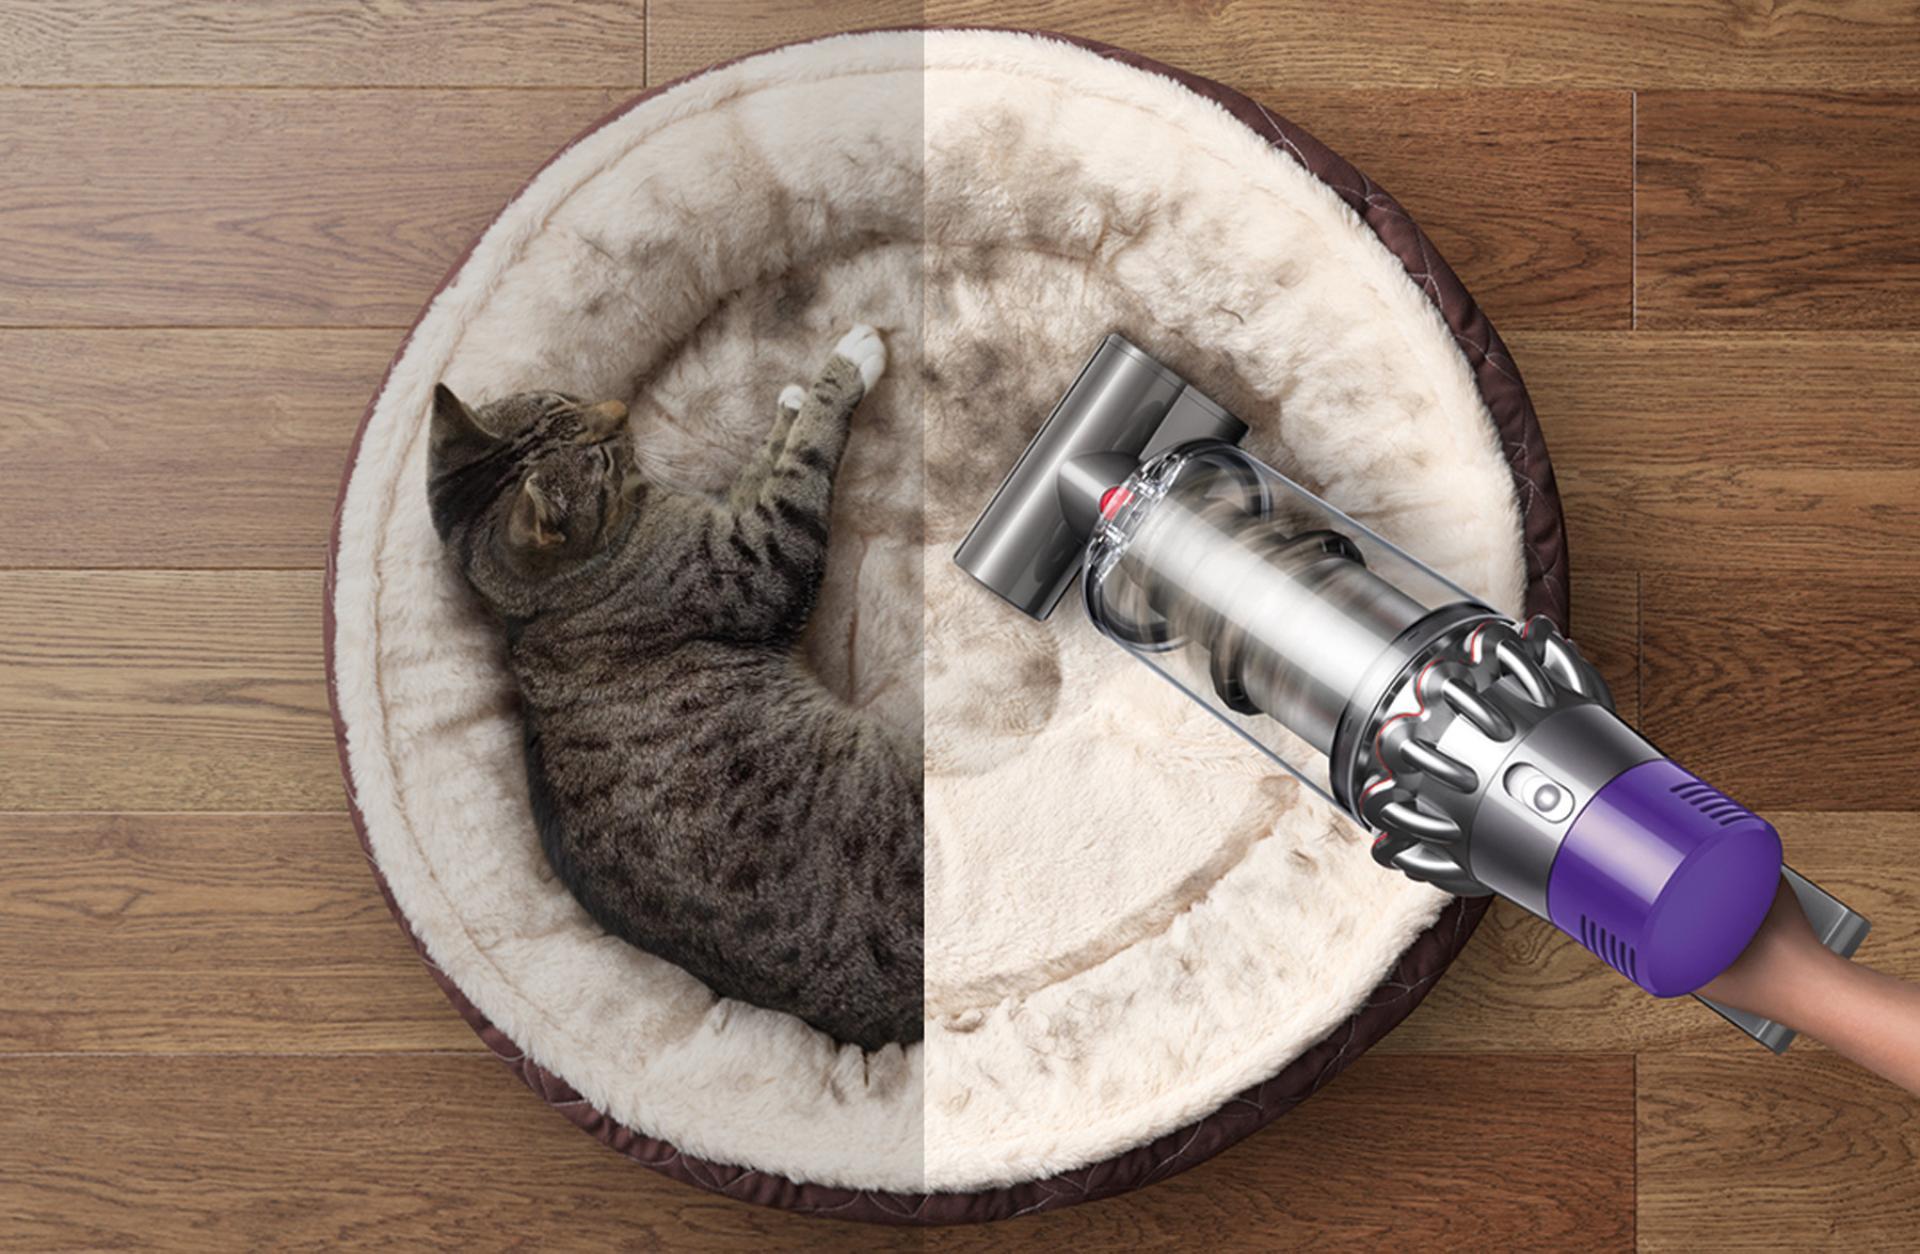 שואב אבק דייסון בשימוש ידני לוכד אלרגנים של חיות מחמד